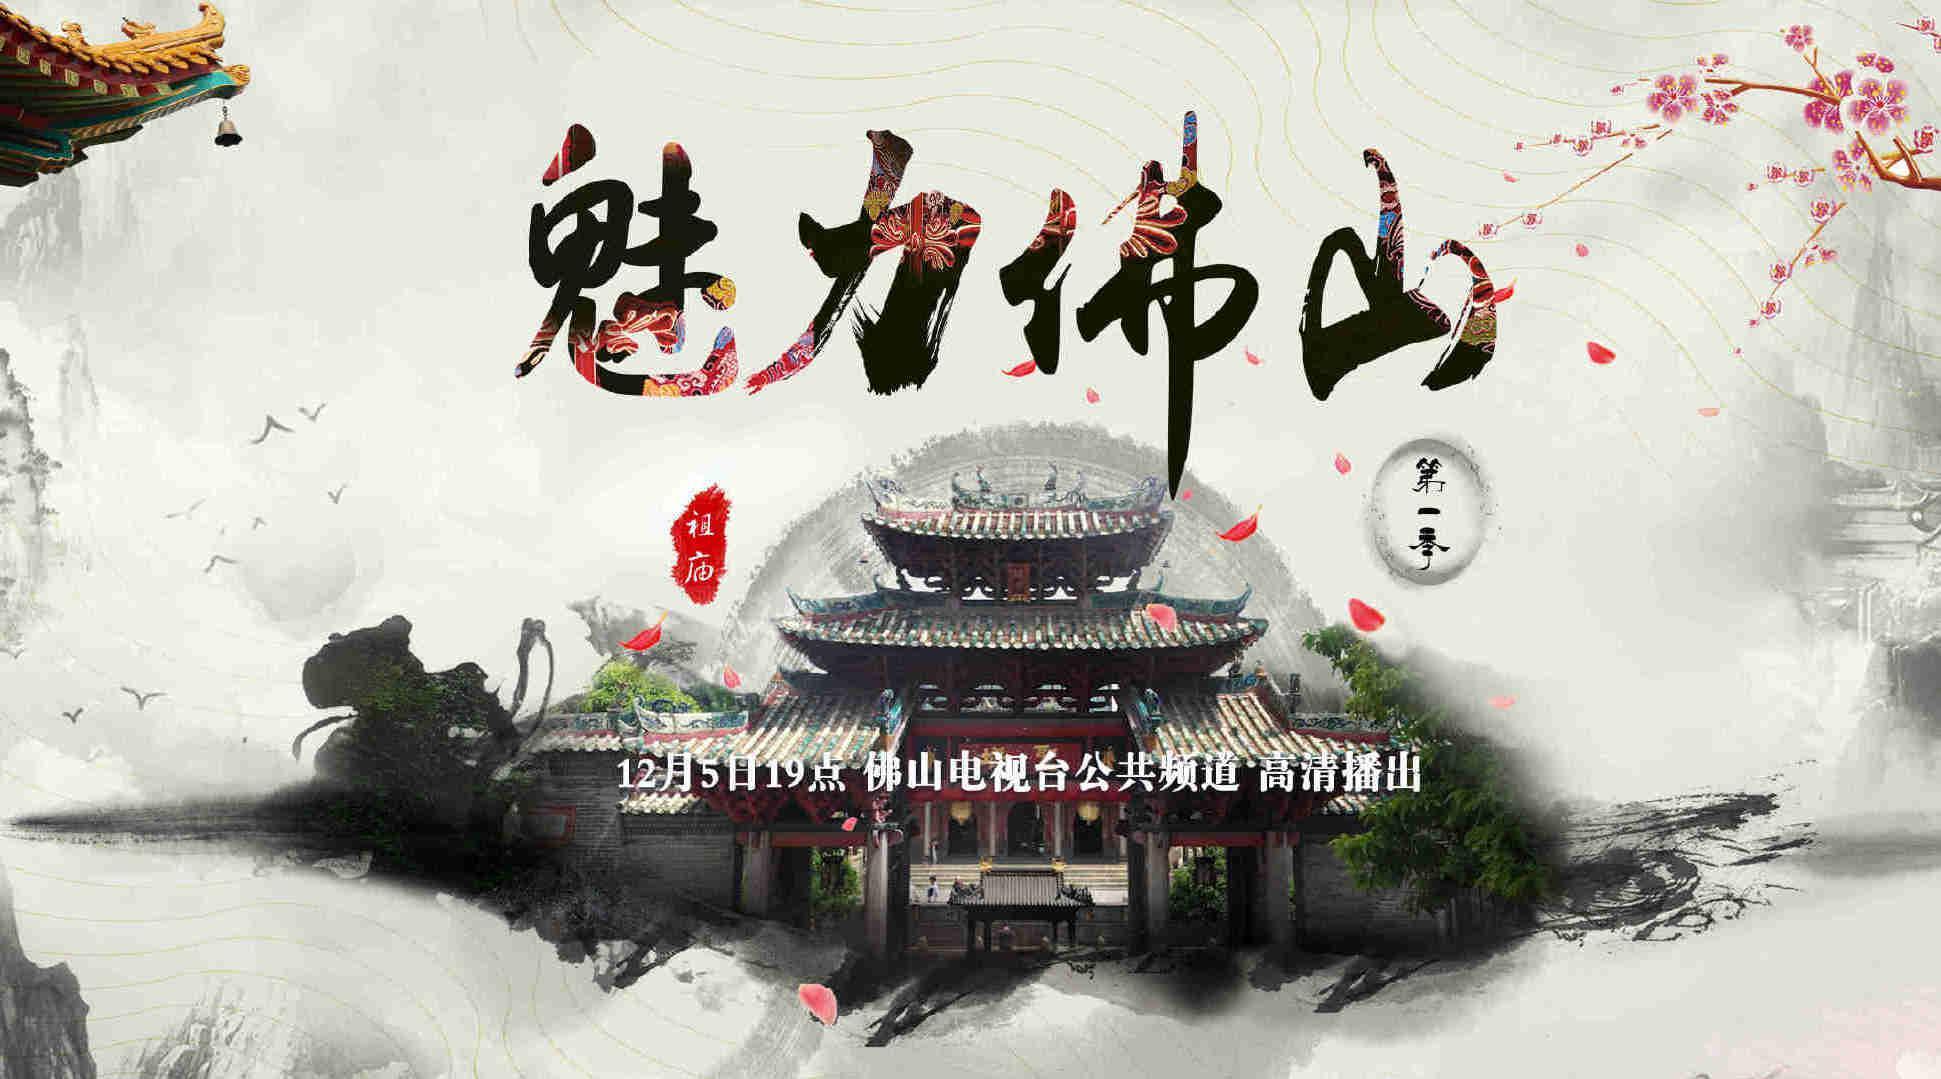 魅力佛山第六集——祖庙 最初的城市之光(国语)